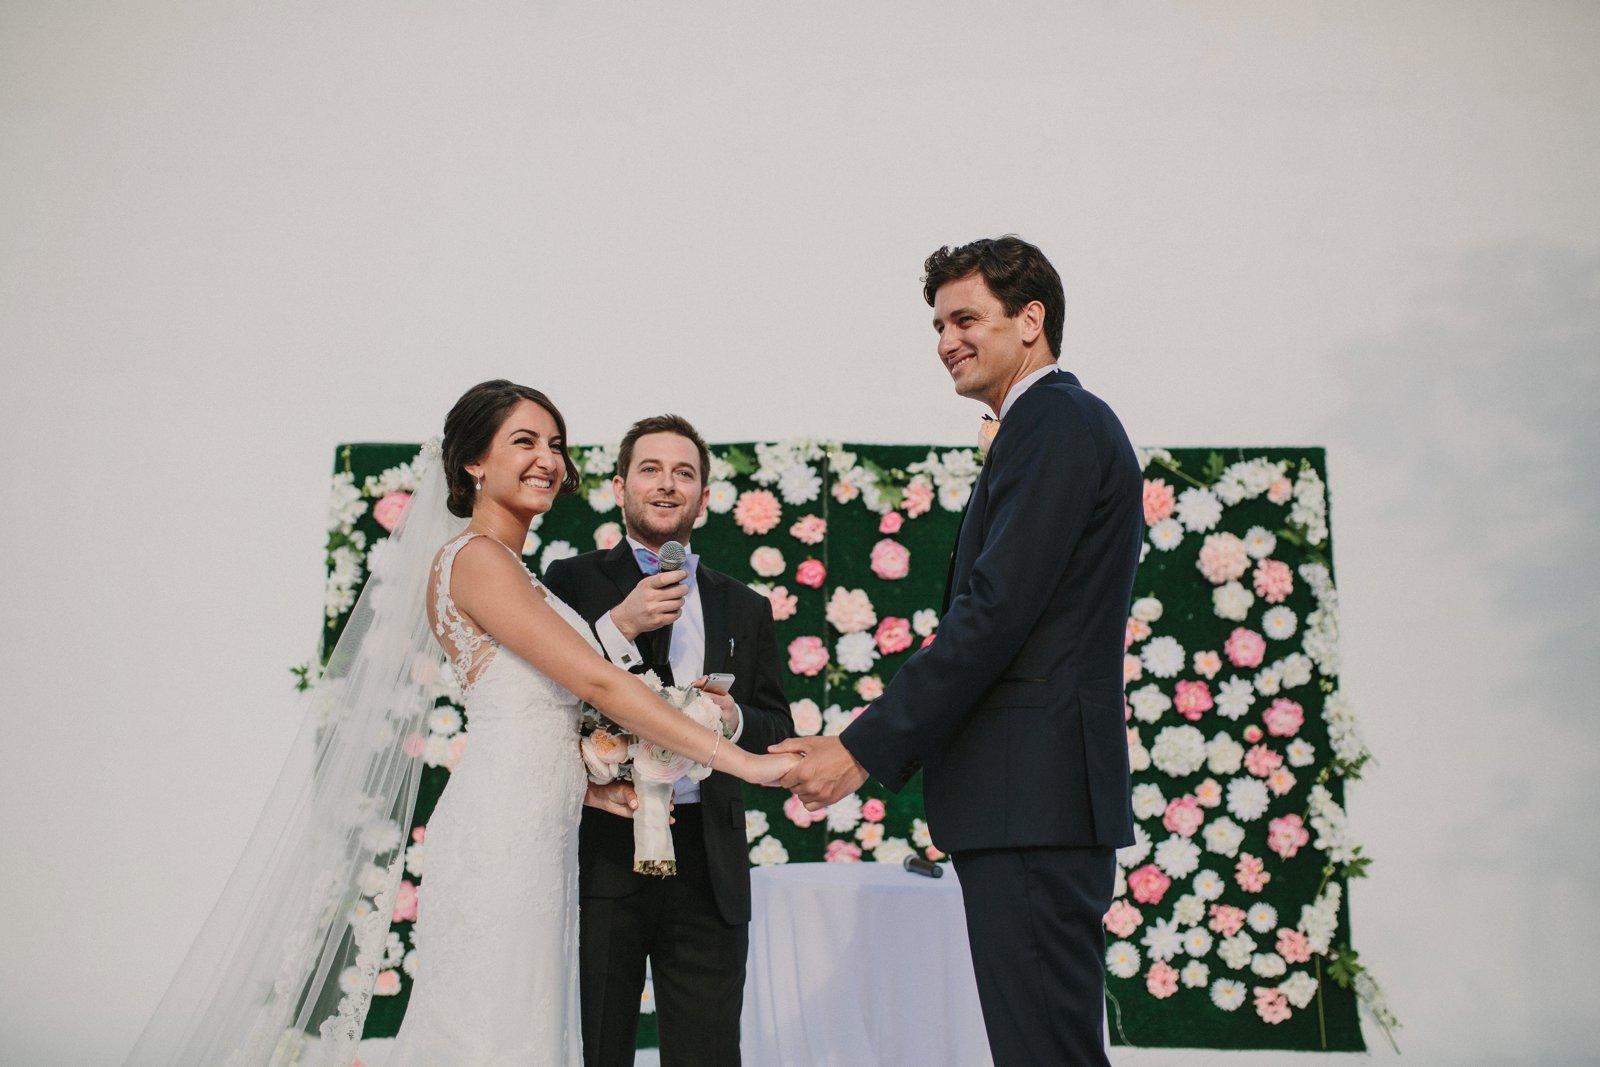 wynwood-wedding-photography-118.jpg